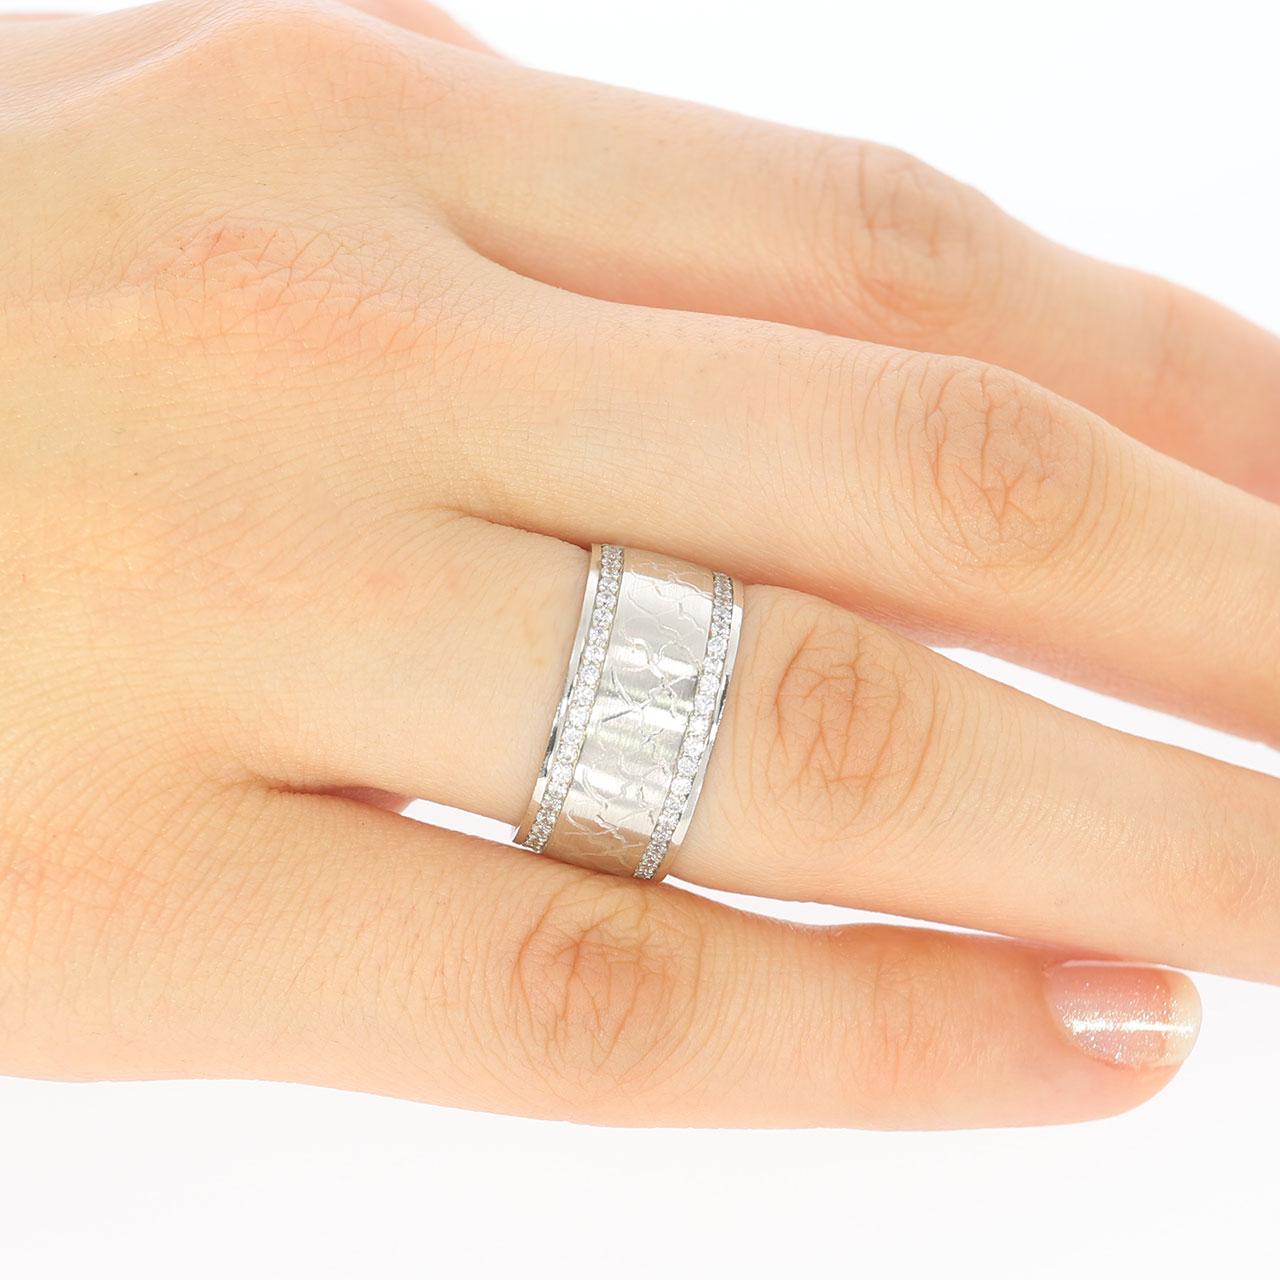 9mm Lazer İşlemeli Gümüş Alyans